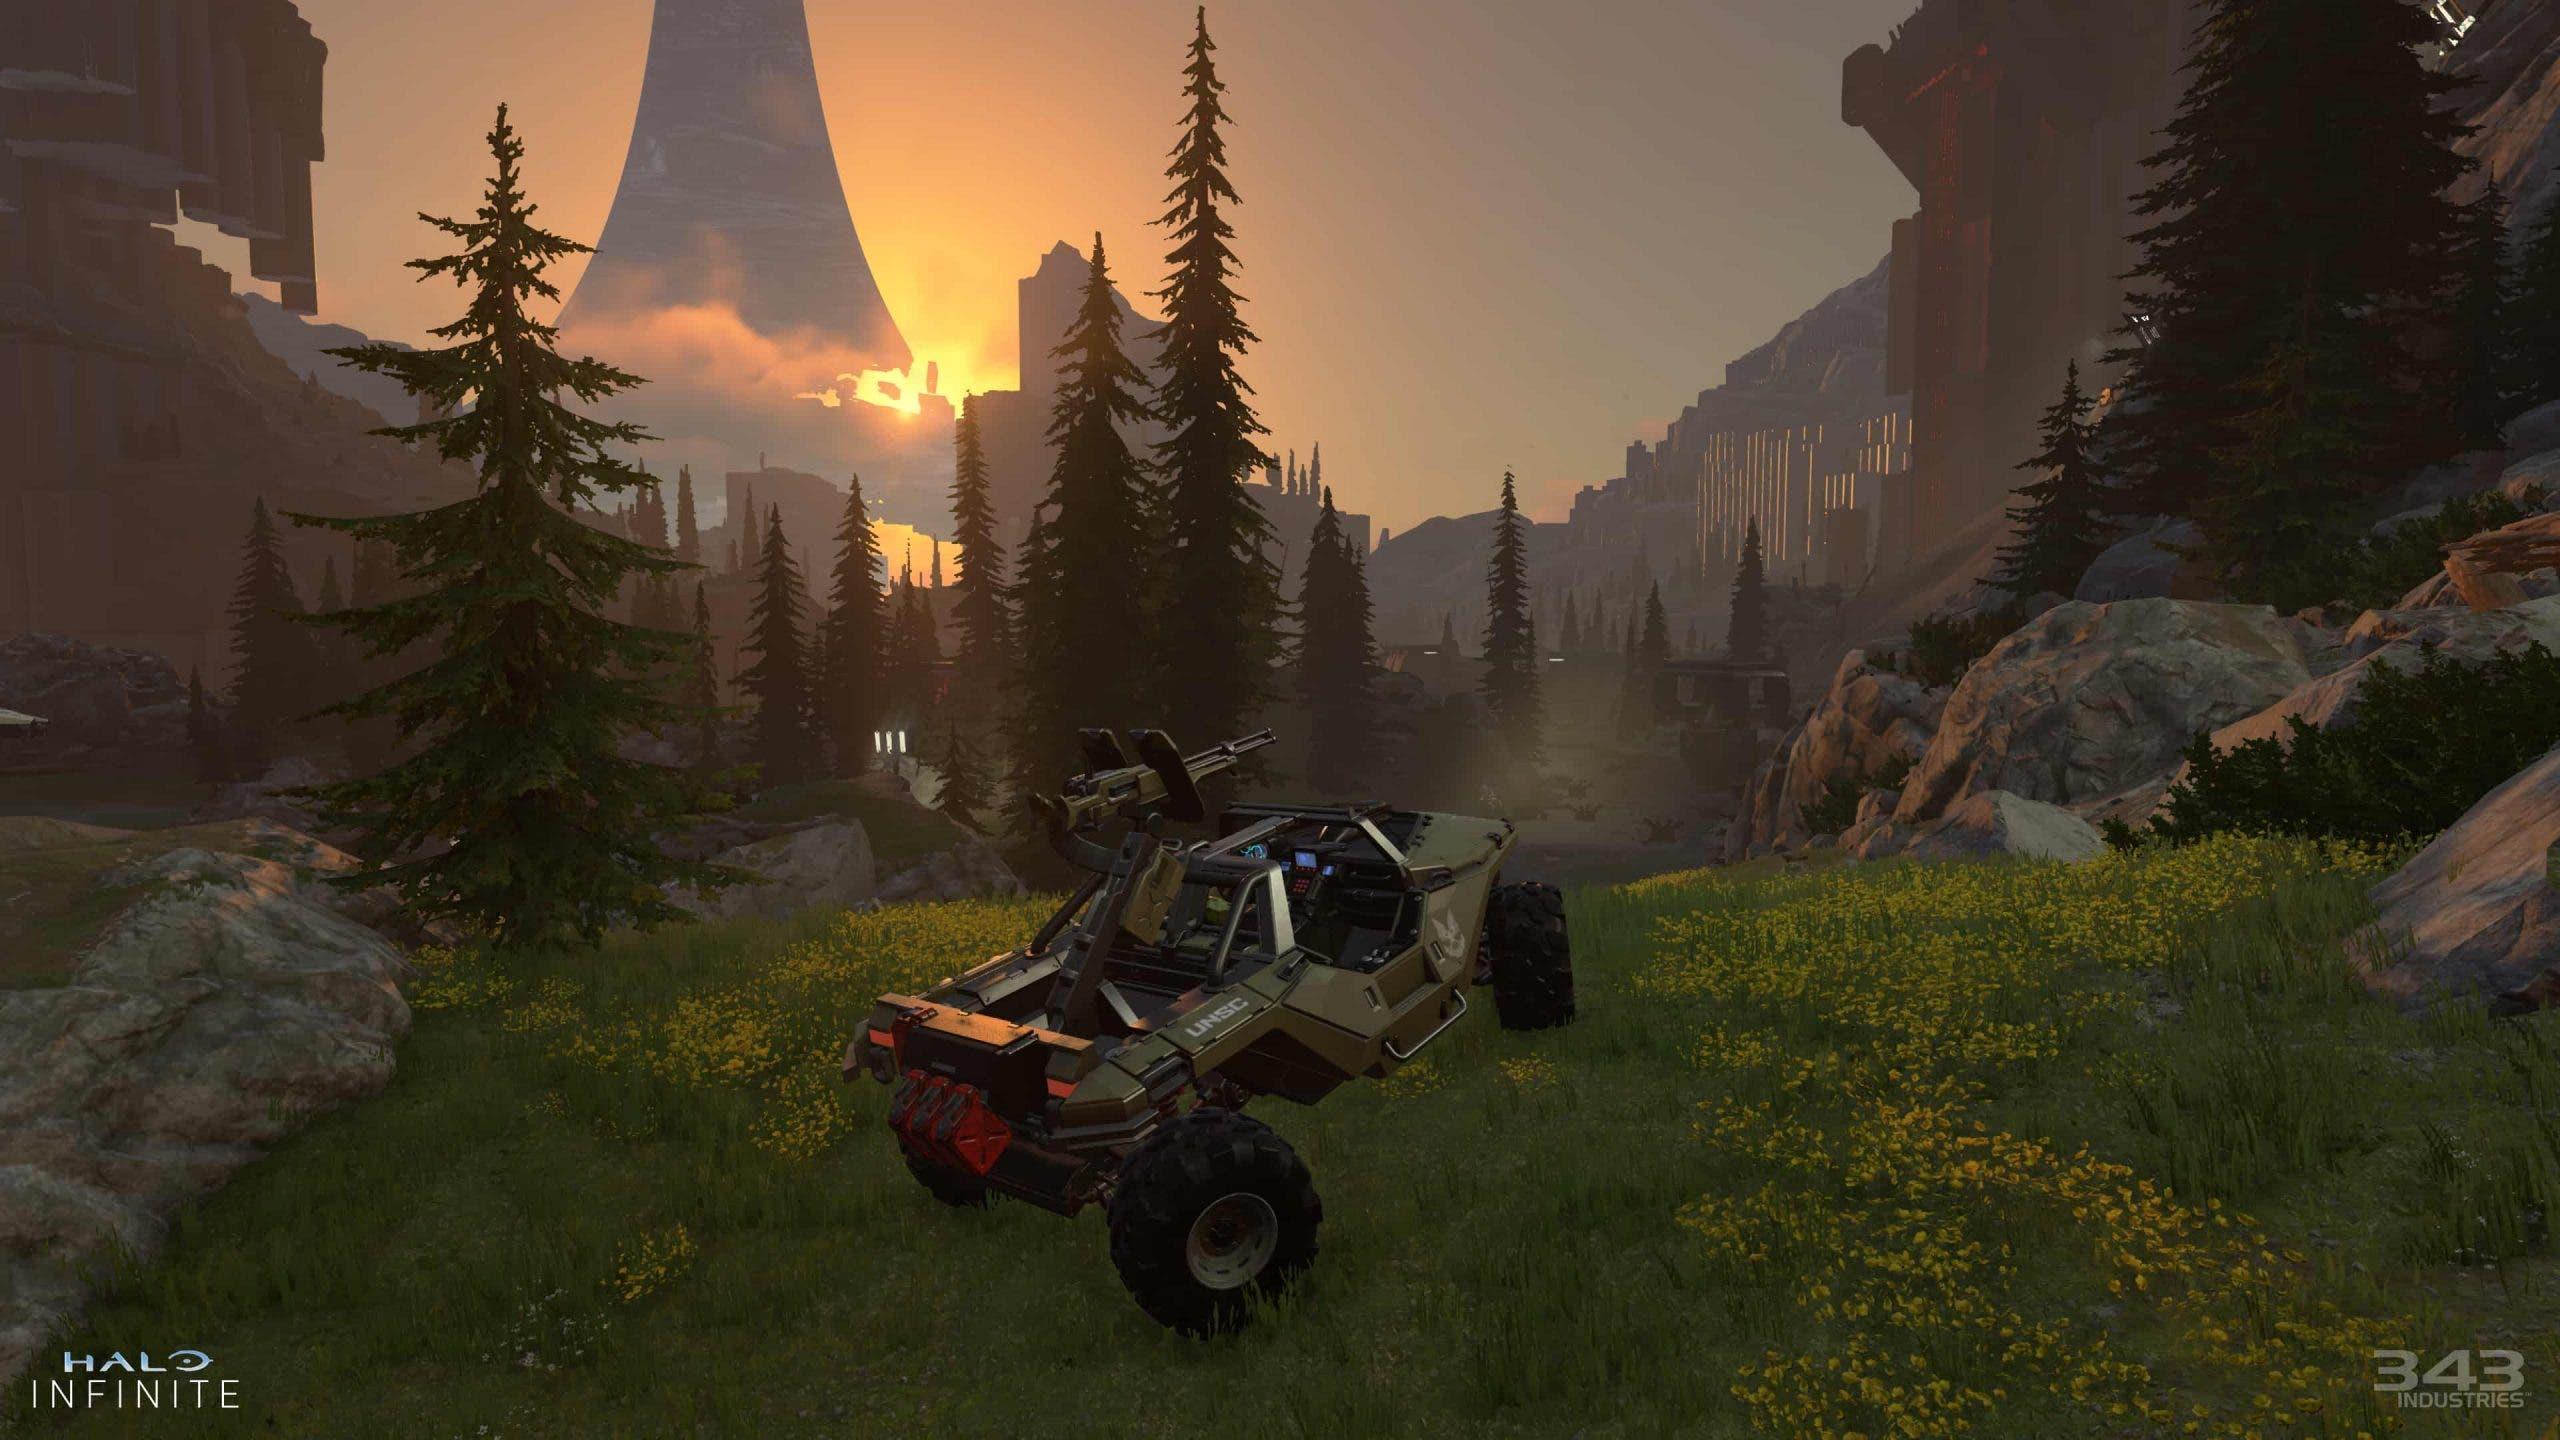 343 responde a las quejas sobre los gráficos de Halo Infinite 2